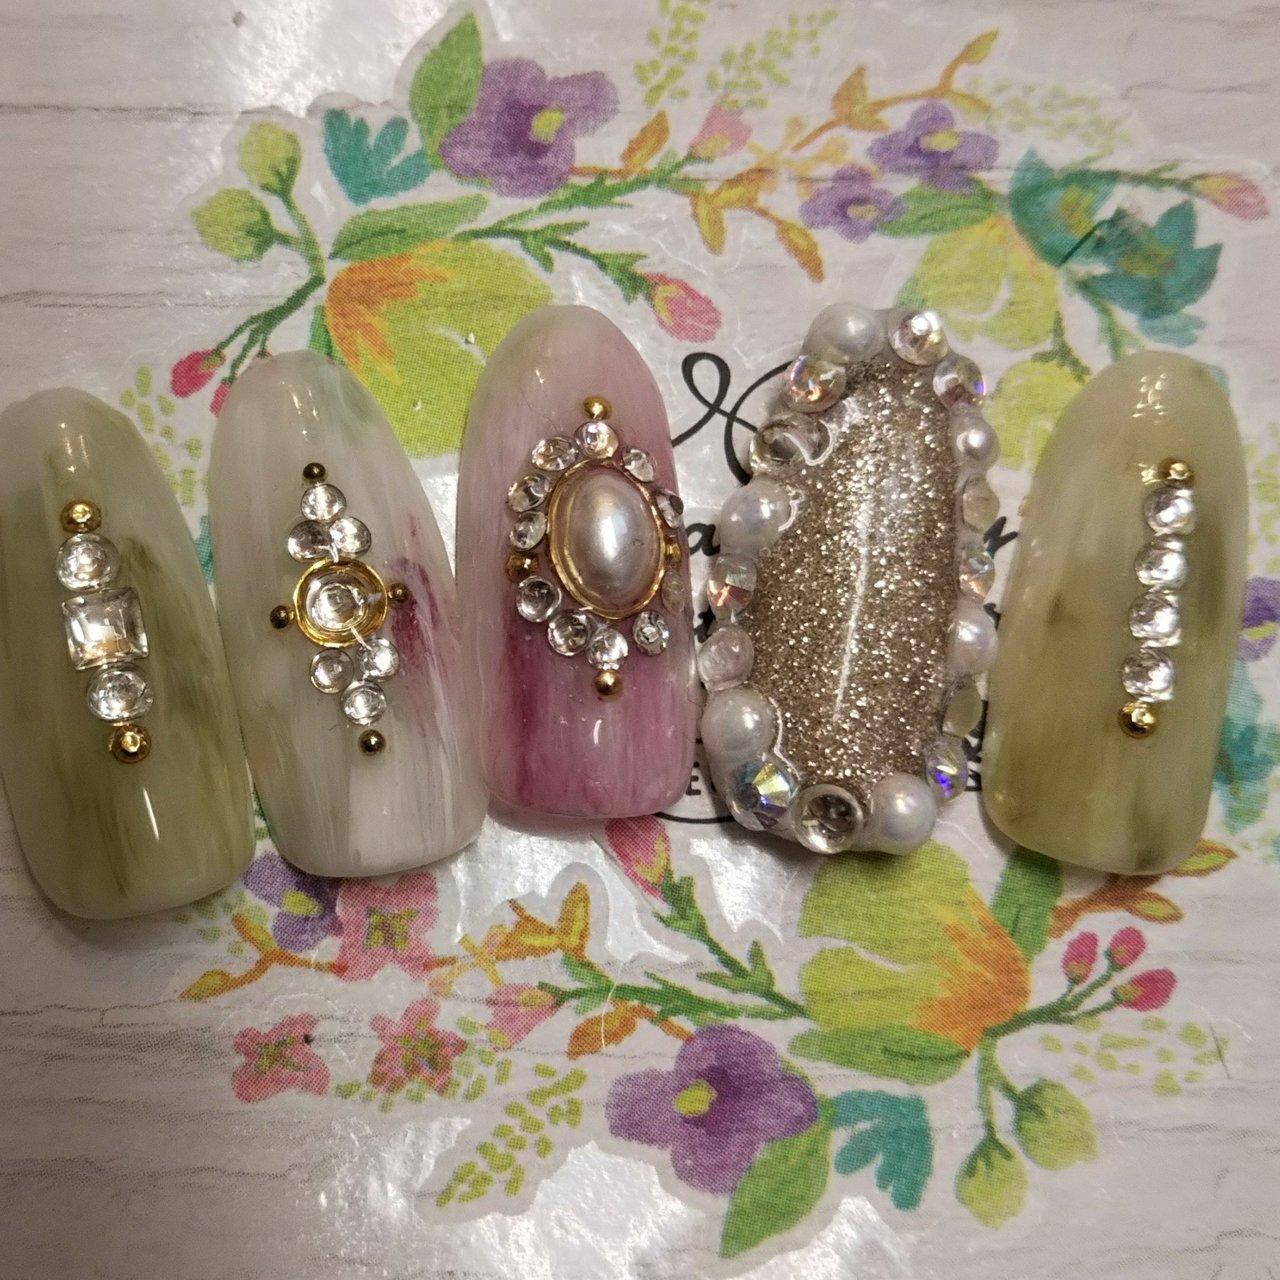 ストーンを全部の指に豪華に載せてます。 #パーティー #ハンド #ビジュー #タイダイ #ミディアム #ホワイト #グリーン #ボルドー #ジェル #ネイルチップ #karin1128 #ネイルブック